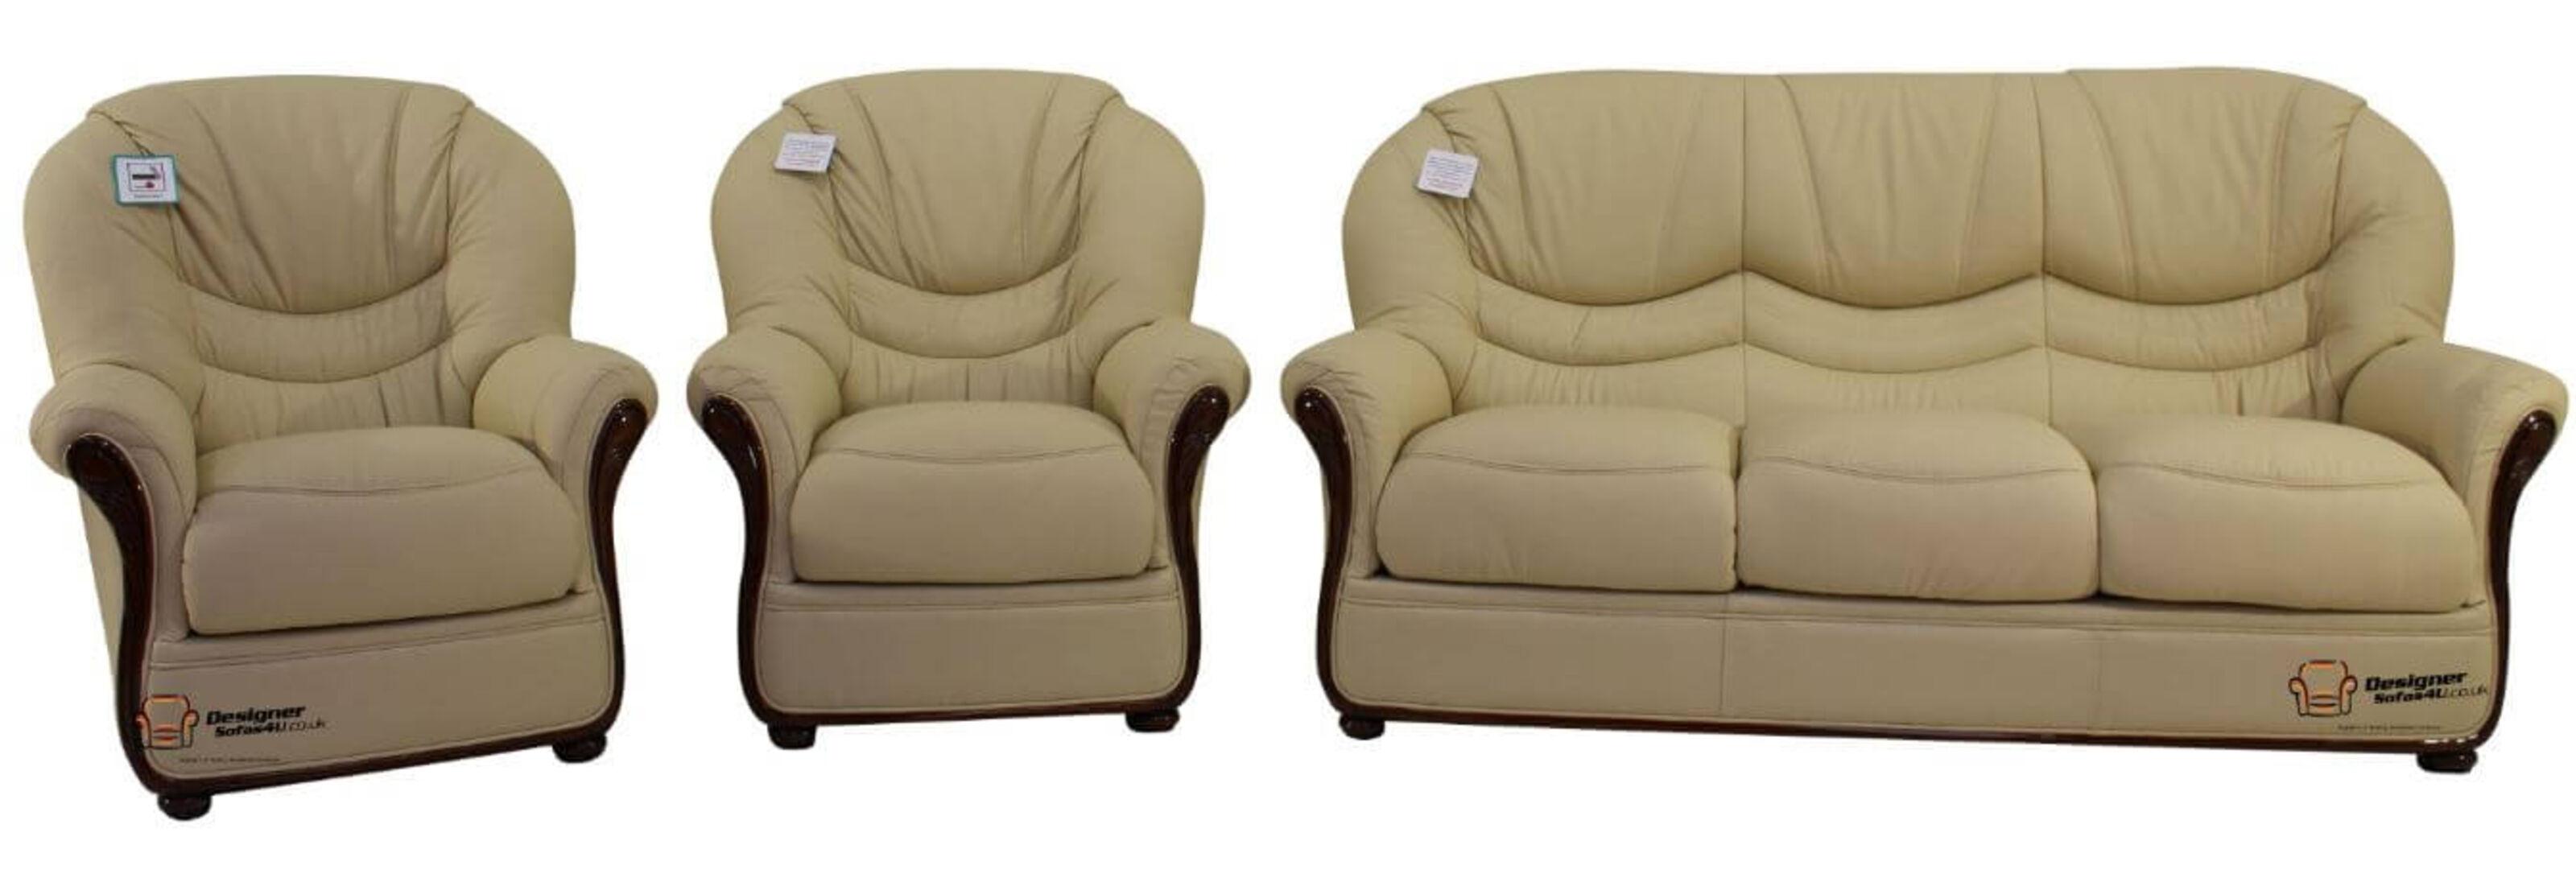 Colorado 3+1+1 Genuine Italian Cream Leather Sofa Suite Offer